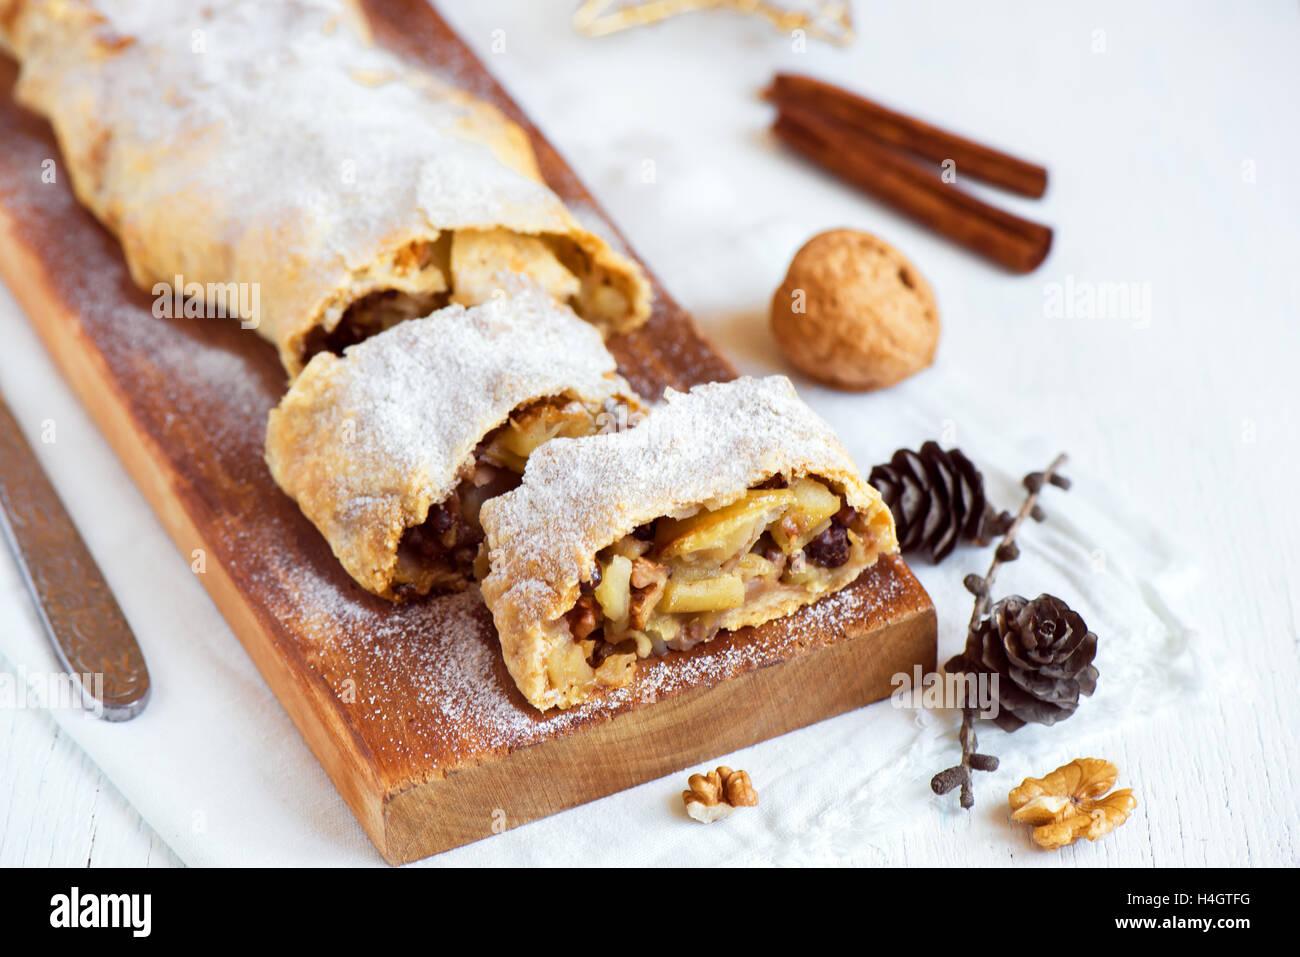 Navidad repostería casera. Apple strudel (pastel) con las pasas, las nueces y el azúcar en polvo con decoración Imagen De Stock